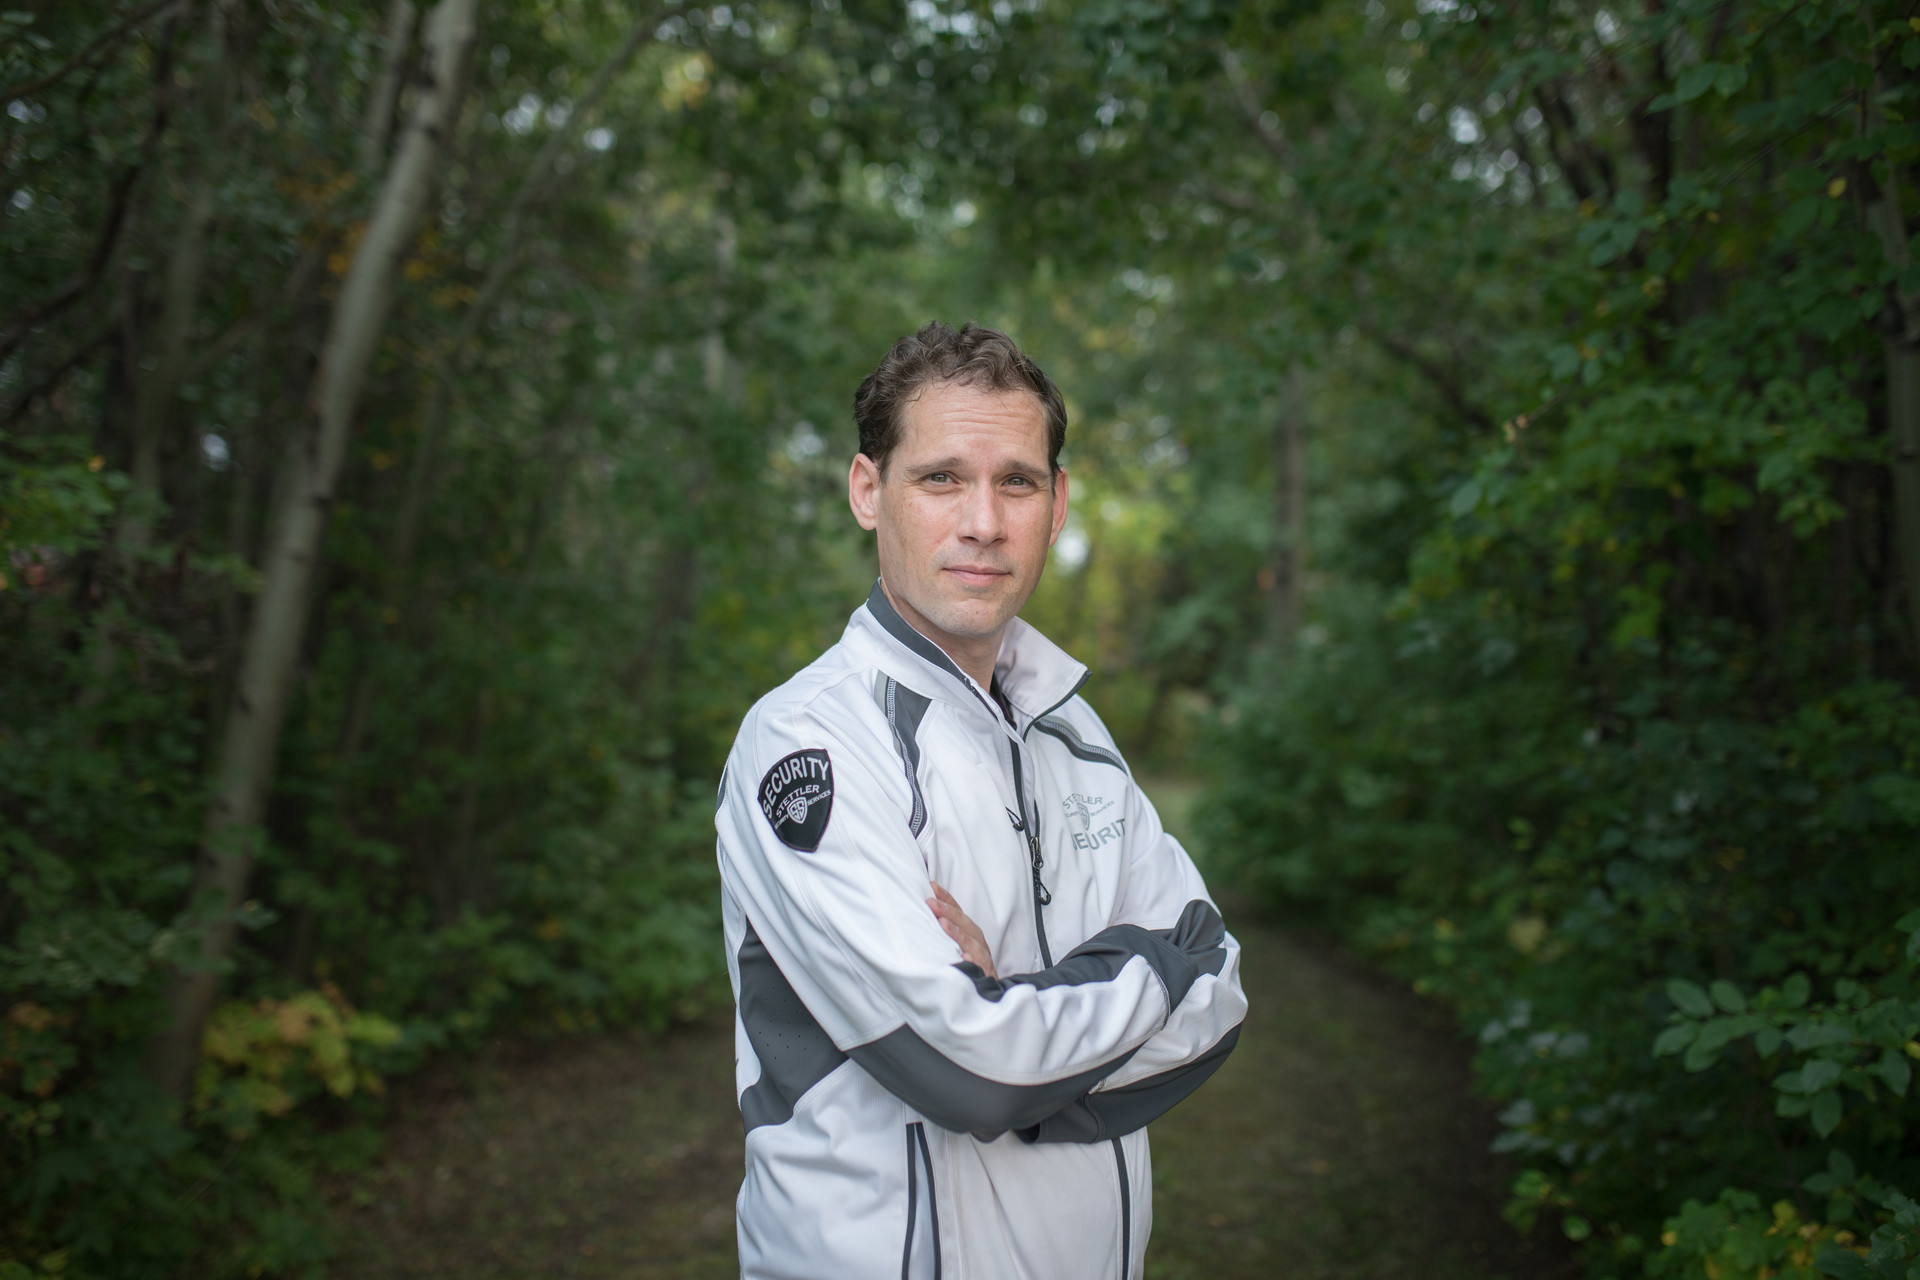 Michael Nizio, Owner